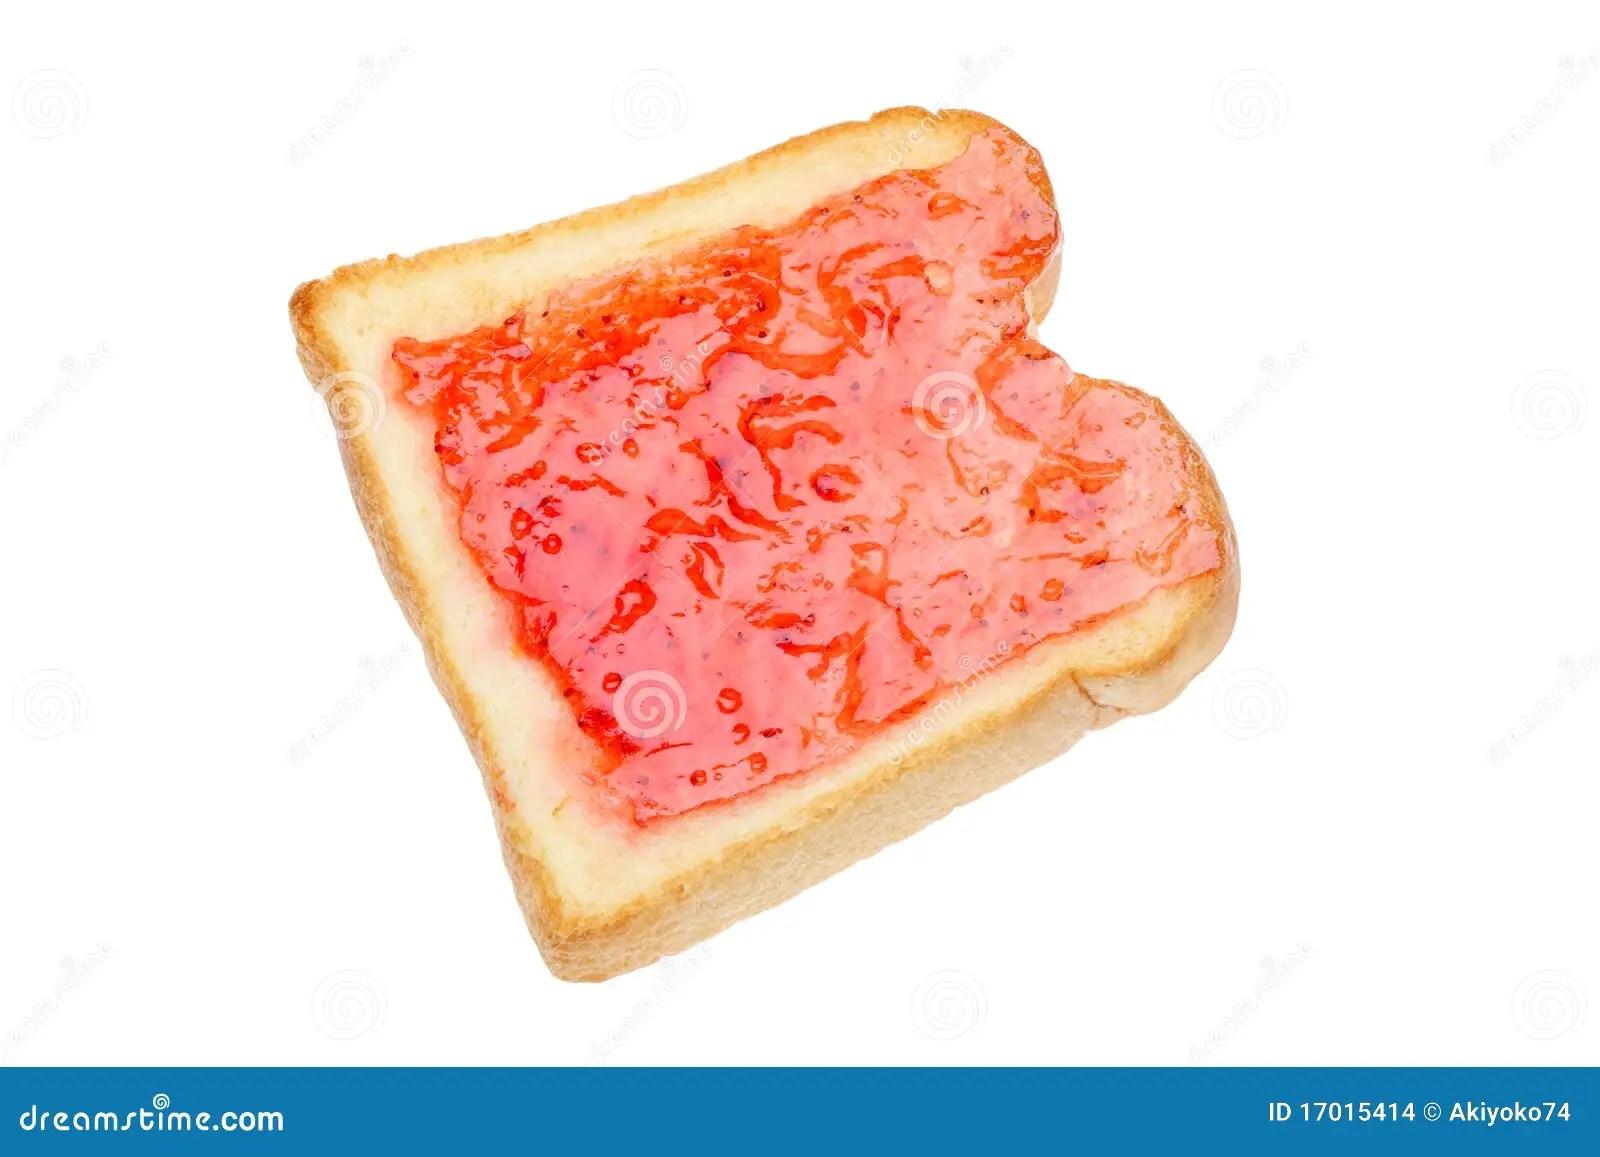 Toast Background No Jam